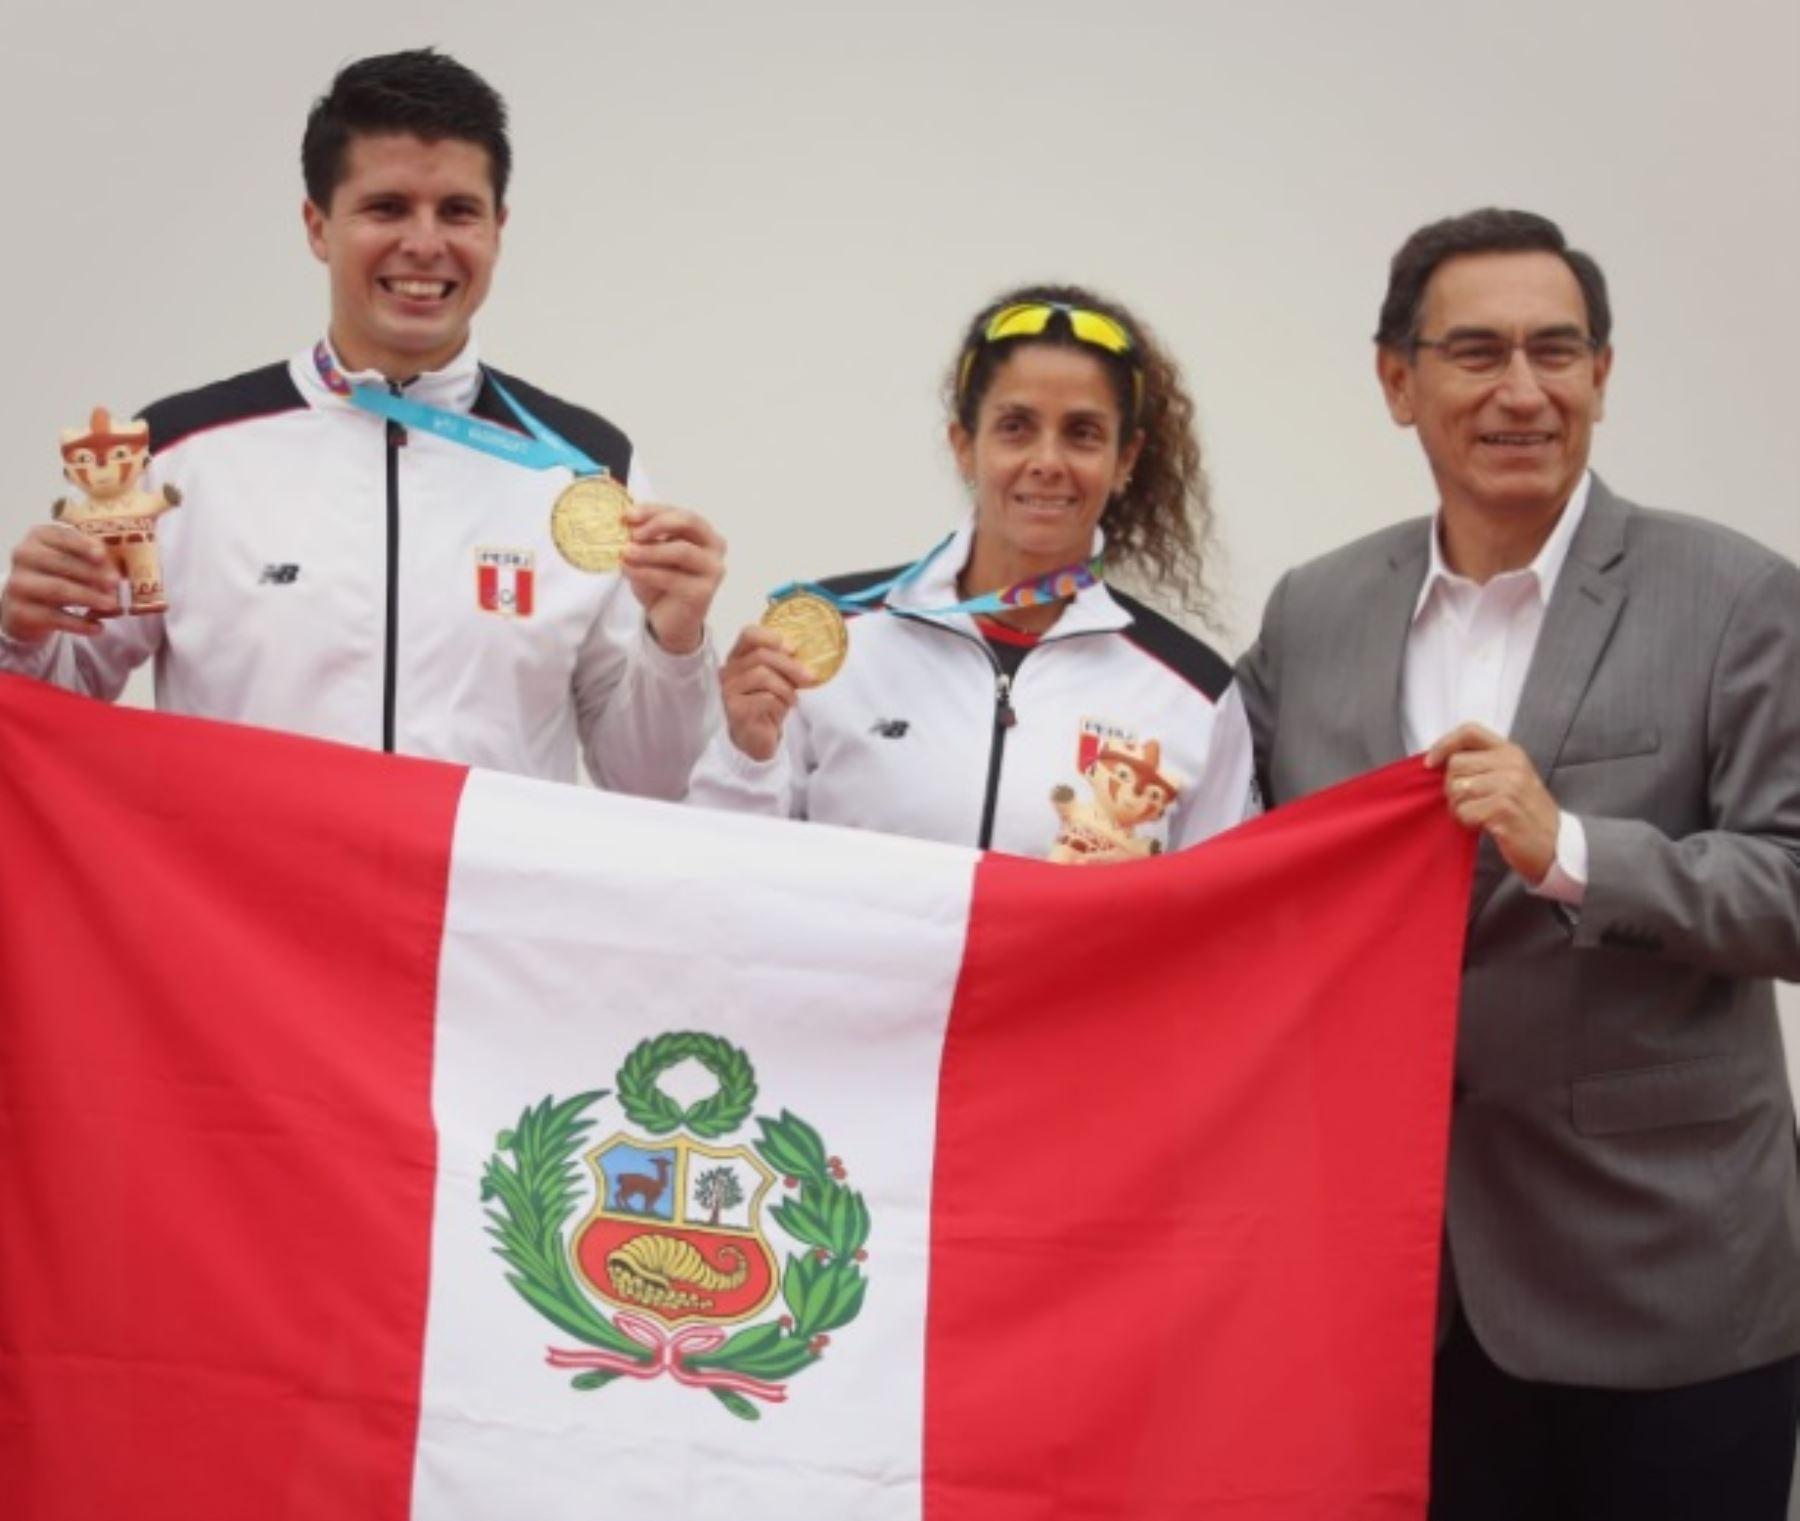 Presidente Vizcarra entrega medallas a campeones panamericanos en frontón, Claudia Suárez y Kevin Martínez.